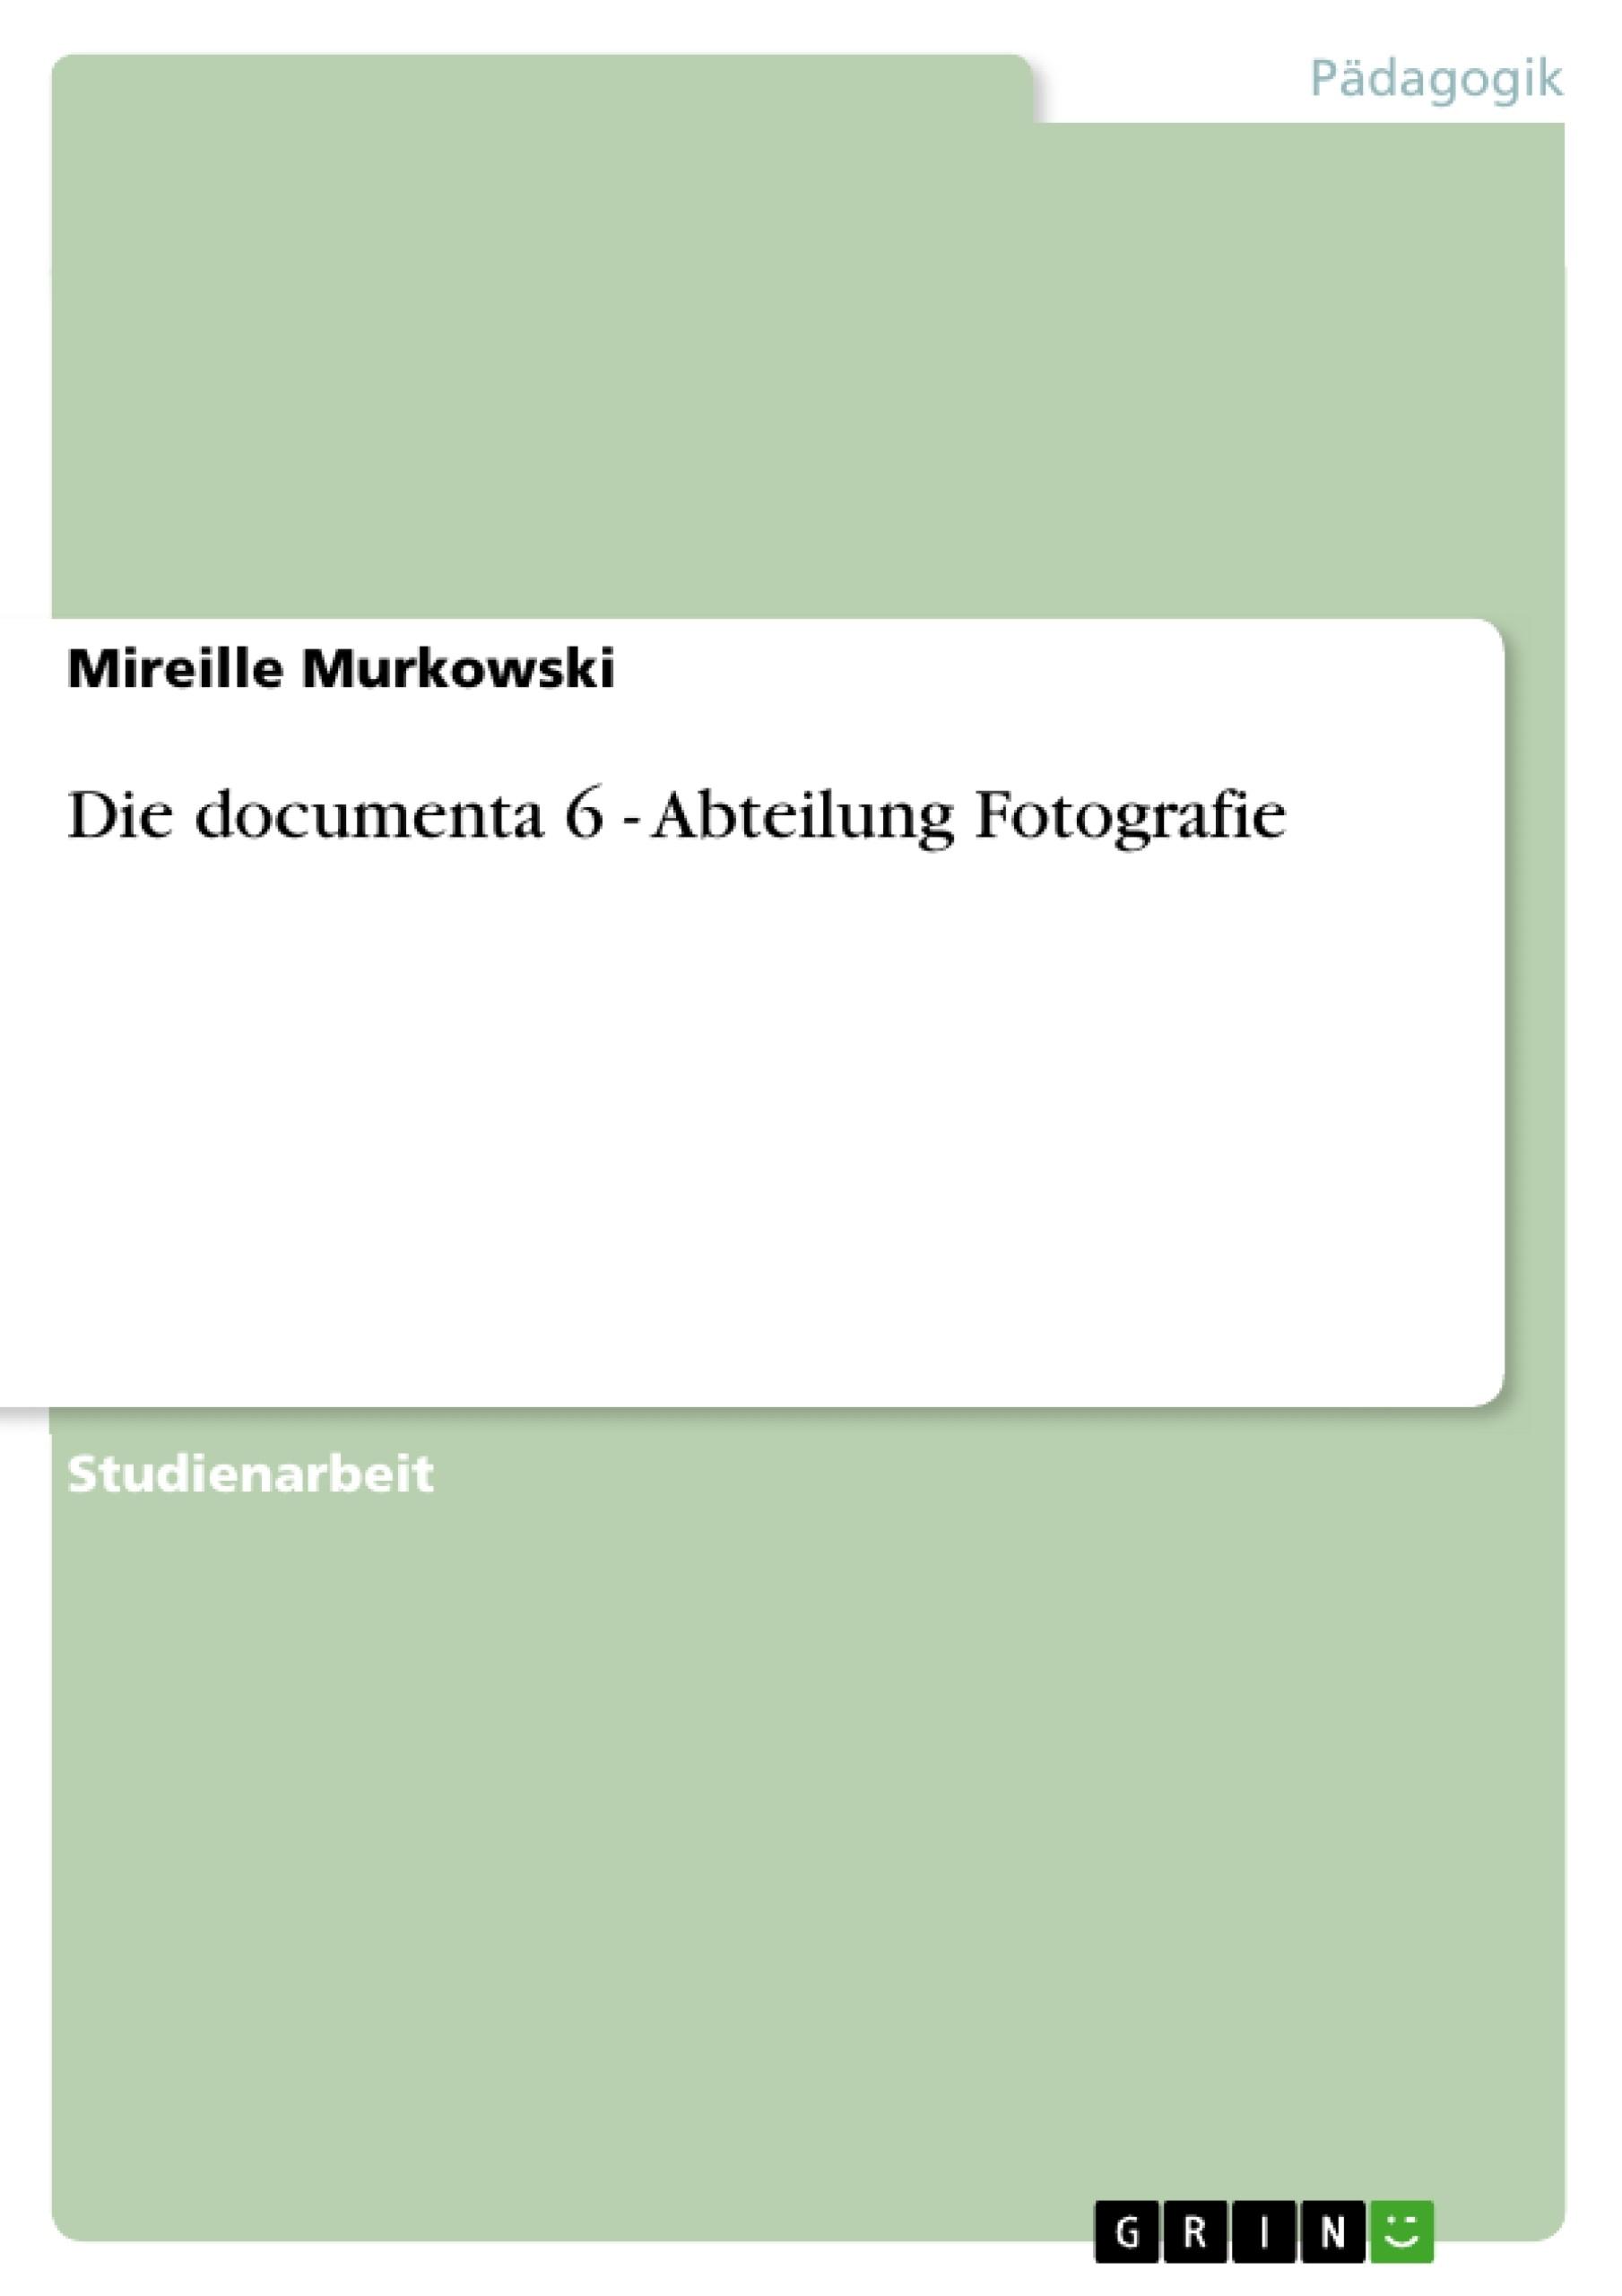 Titel: Die documenta 6 - Abteilung Fotografie